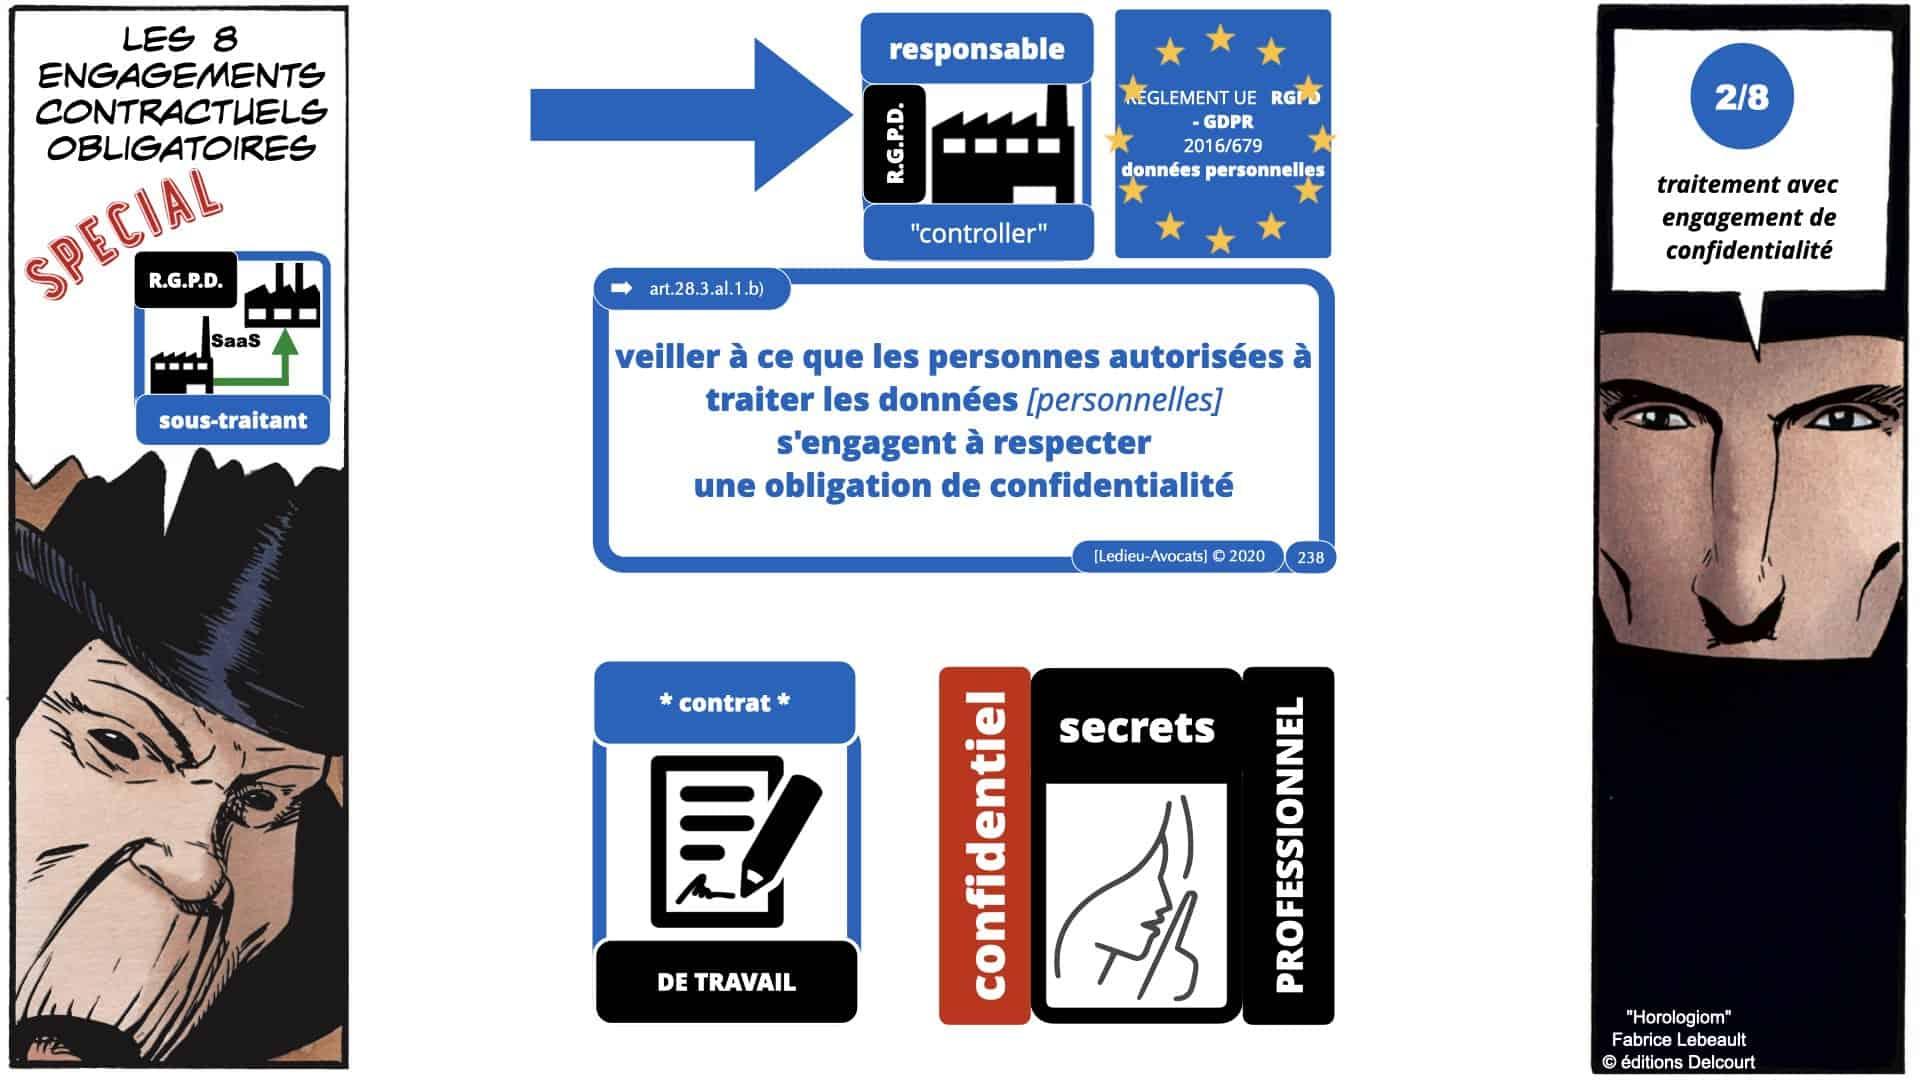 RGPD e-Privacy données personnelles jurisprudence formation Lamy Les Echos 10-02-2021 ©Ledieu-Avocats.238